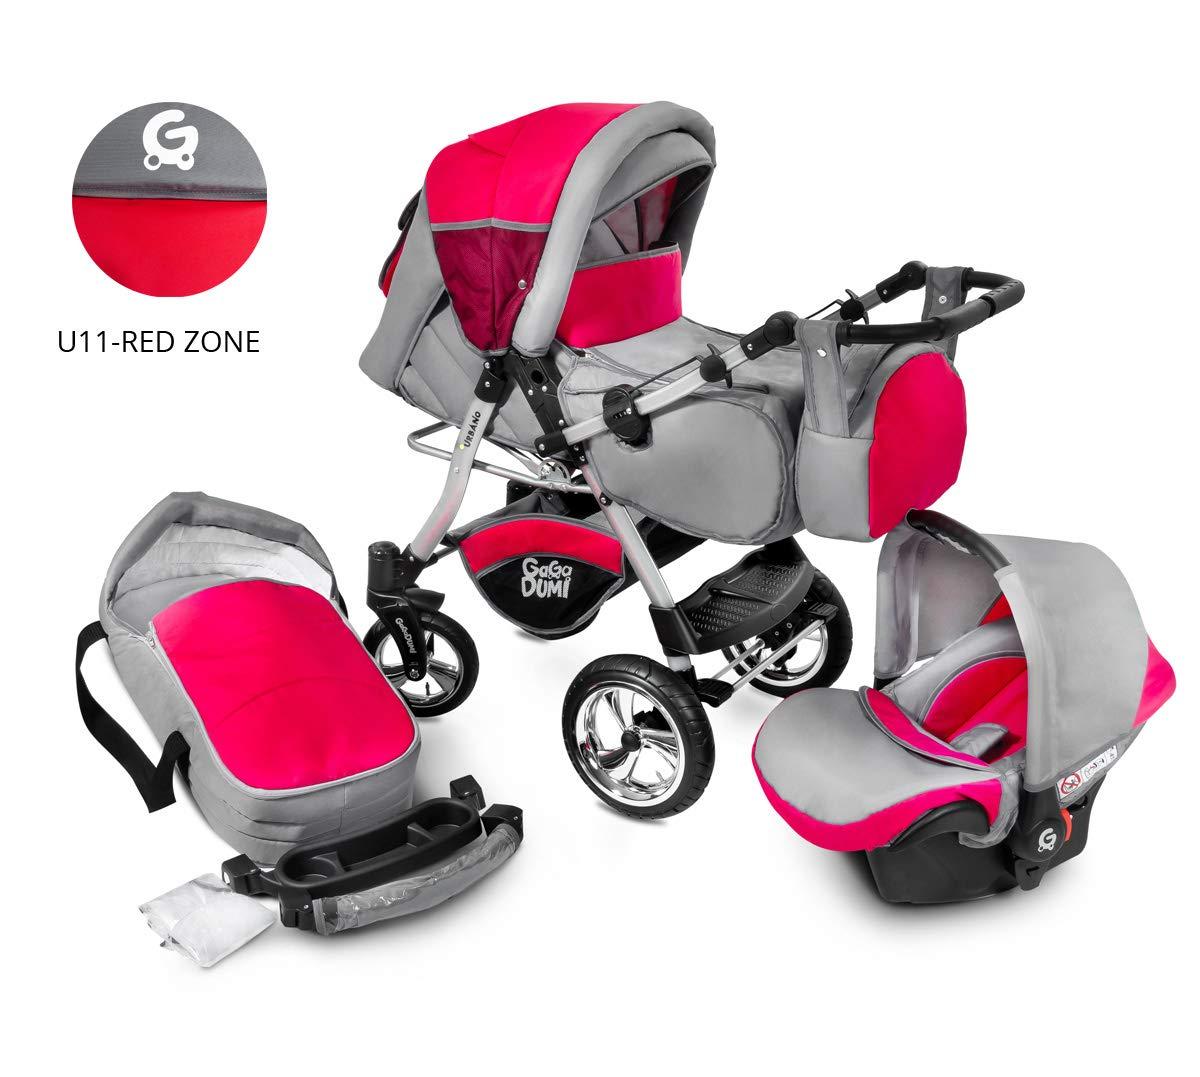 Urbano Kombikinderwagen Kinderwagen Babyschale 3in 1 System Autositz U1-Owls